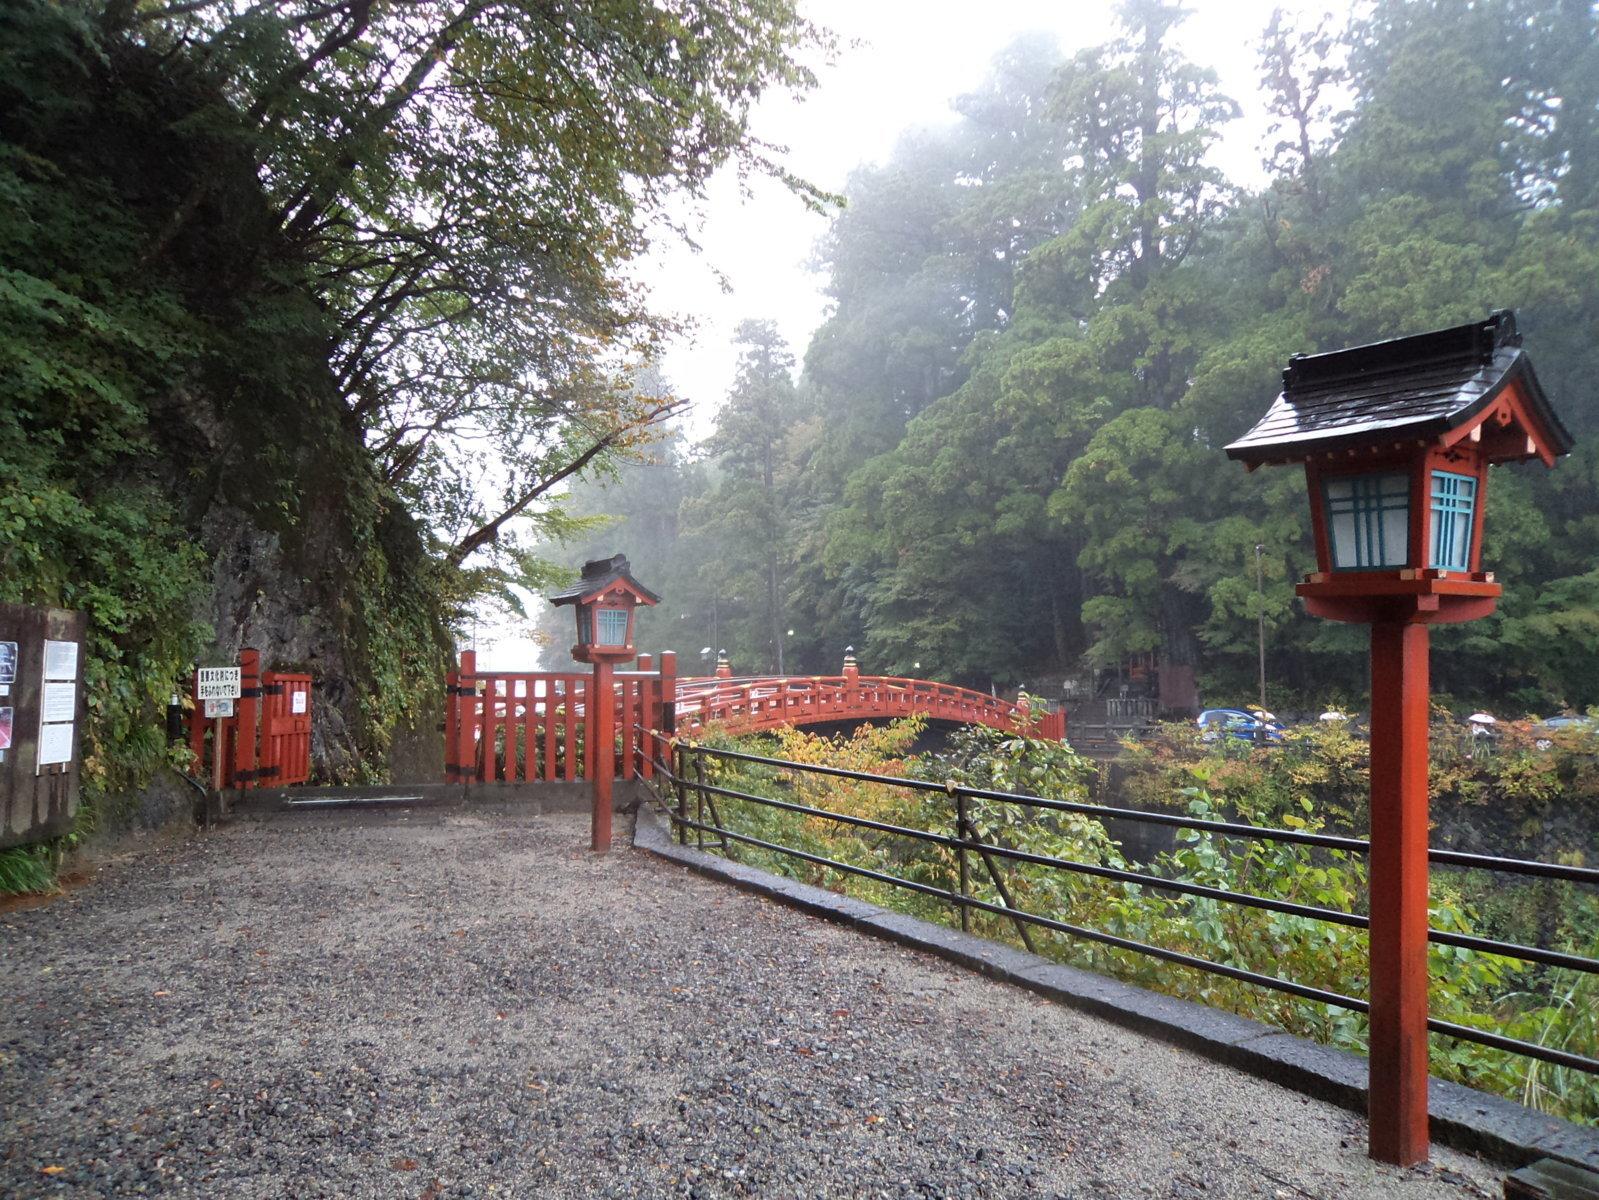 Ponte Sagrada em Nikko, Japão